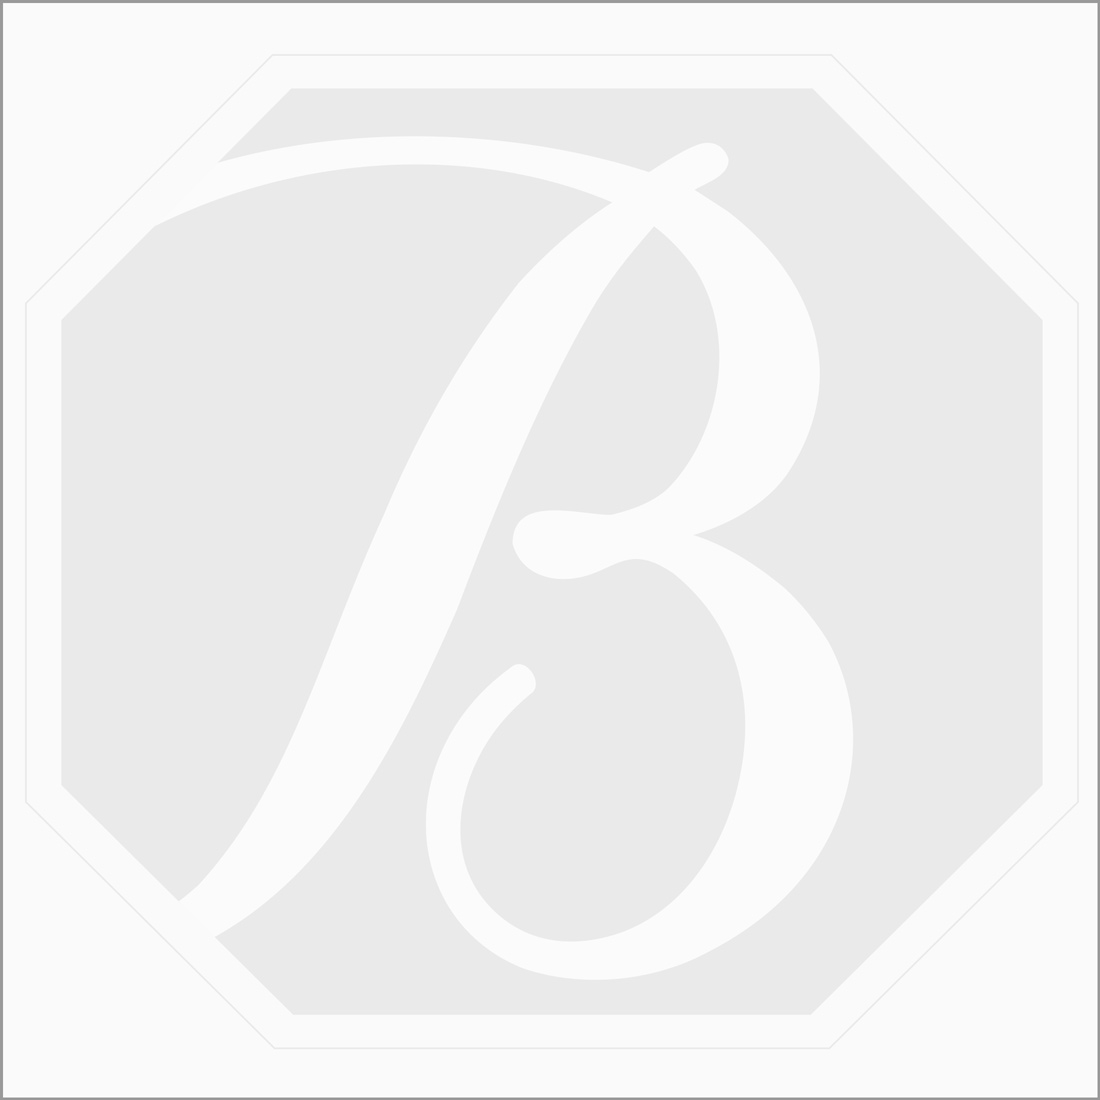 4 Pcs - 31.54 ct. - Green Tourmaline Rose Cut -17 x 14.9 x 3.2 mm to 19.9 x 17.3 x 3.4 mm (TRC1114)